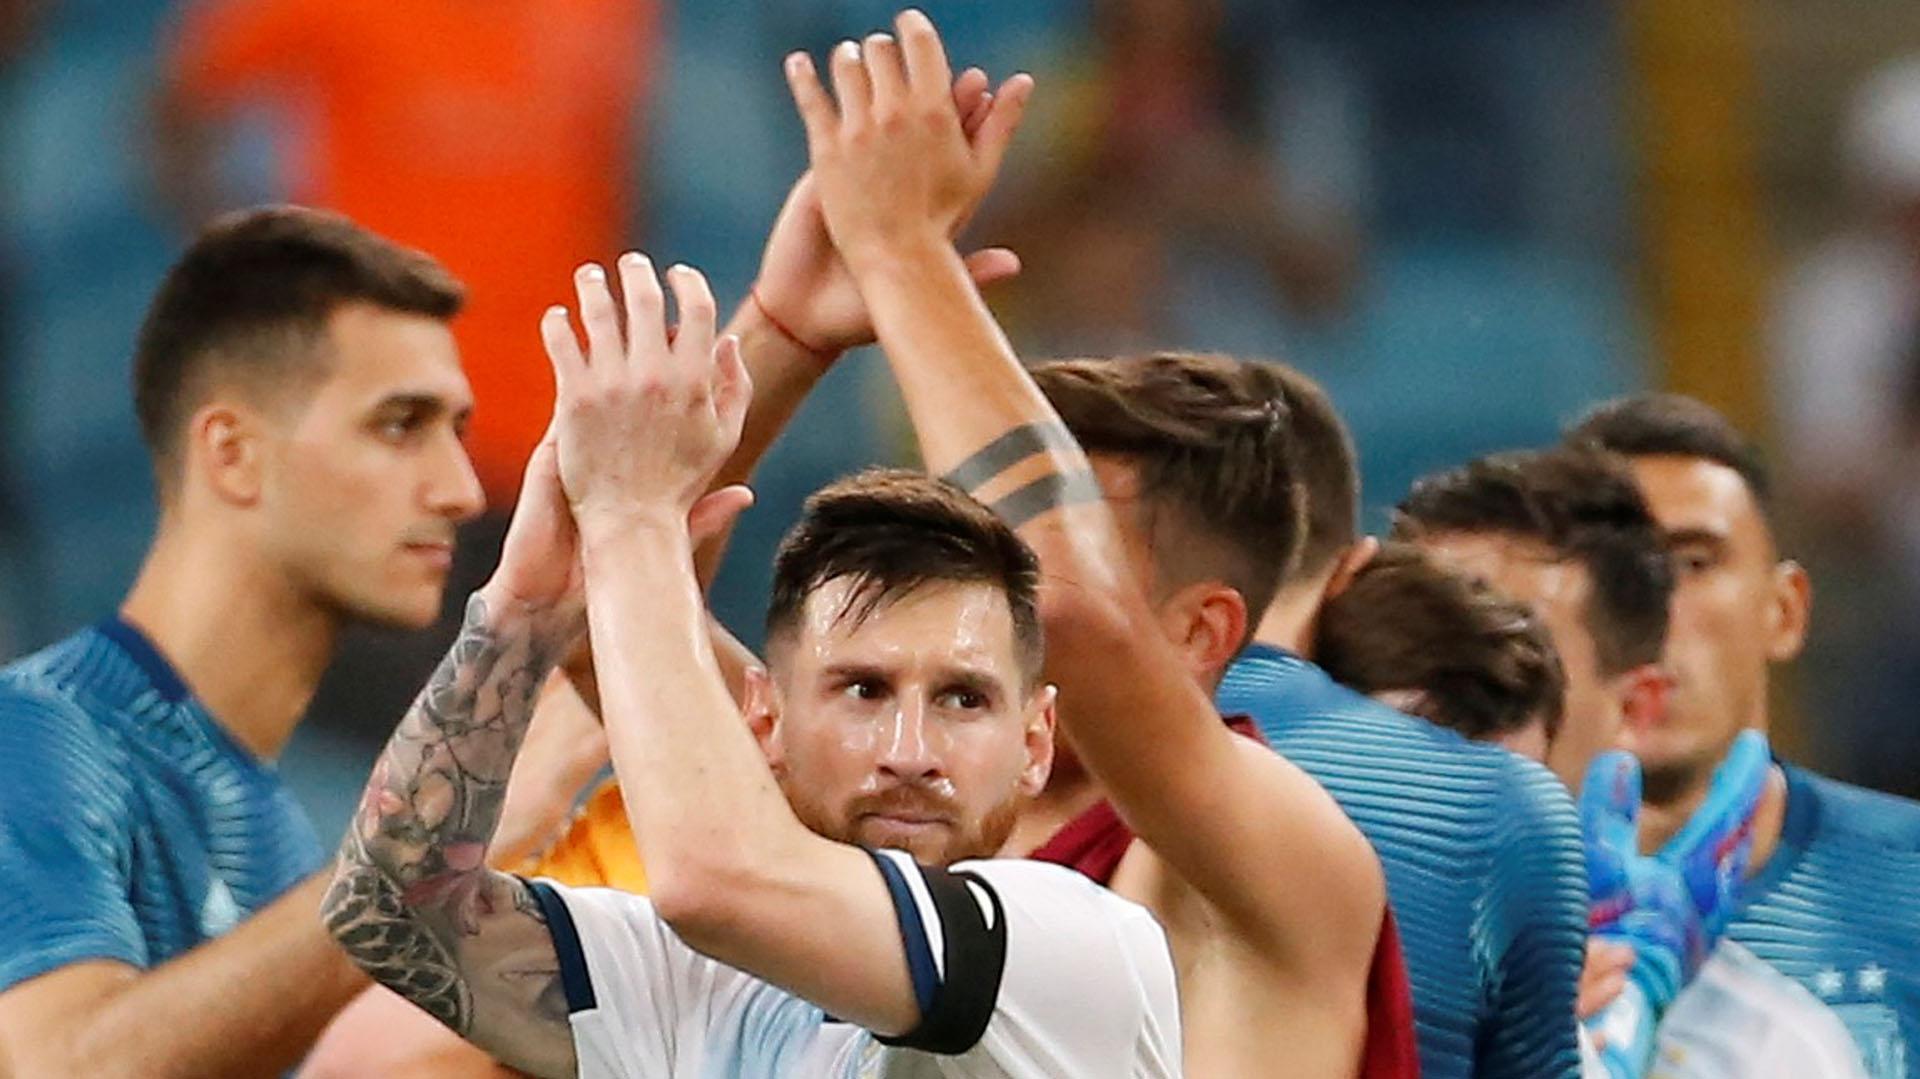 La Selección se medirá ante Venezuela este viernes en el Maracaná con la intención de avanzar a semifinales